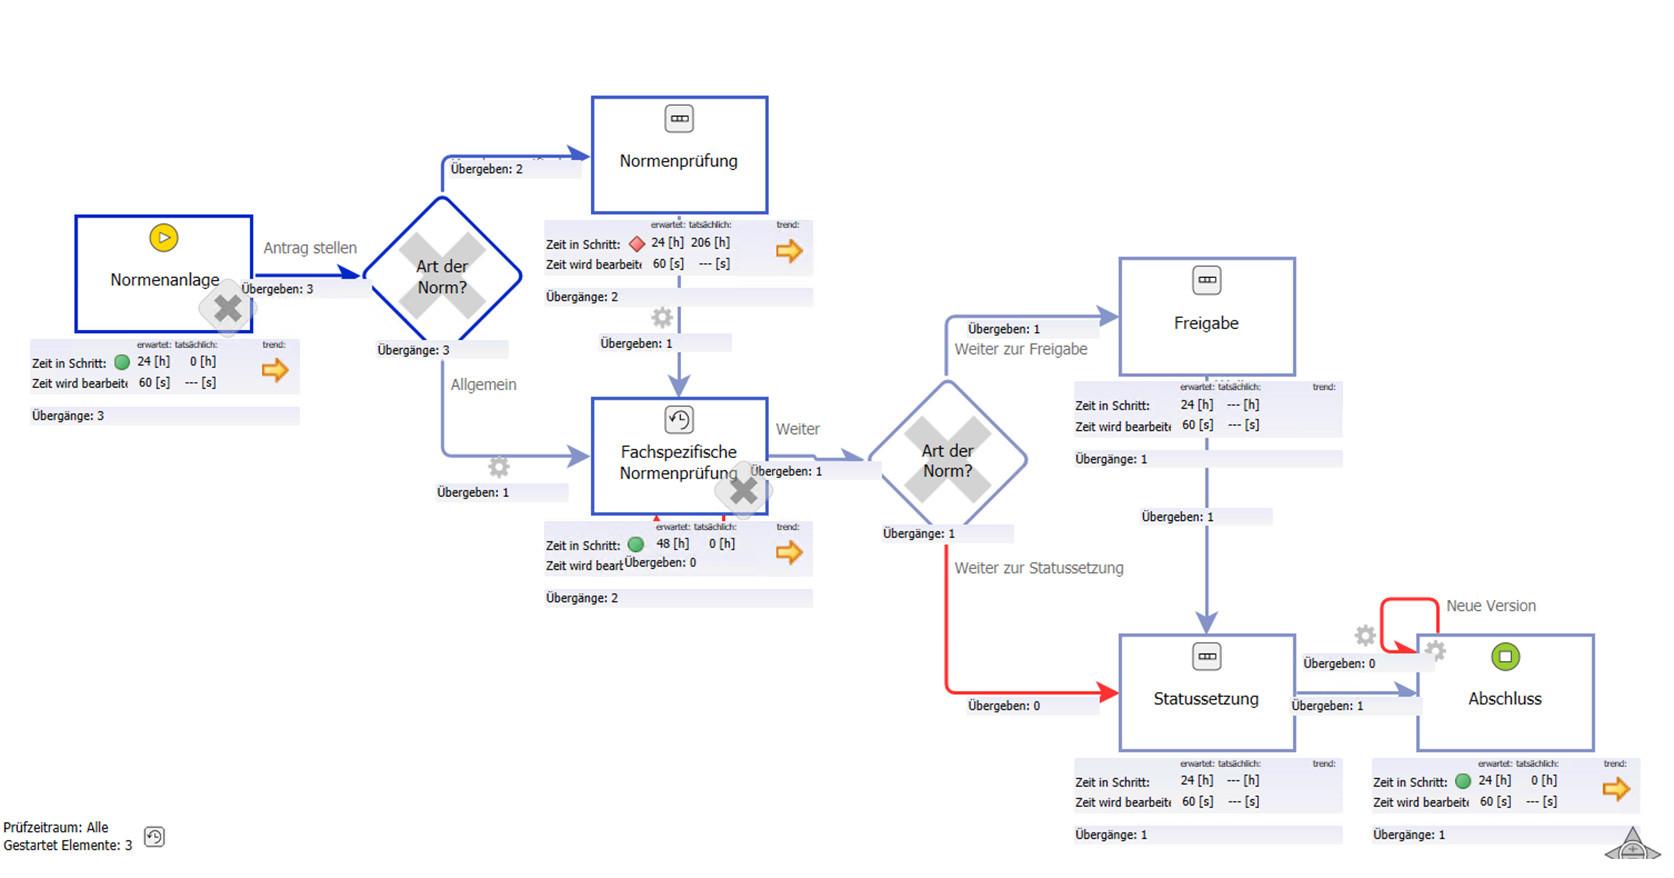 Werksnormen-Prüfung digitalisieren: Abarbeitungsrate des Normenanlageprozesses (KPI)